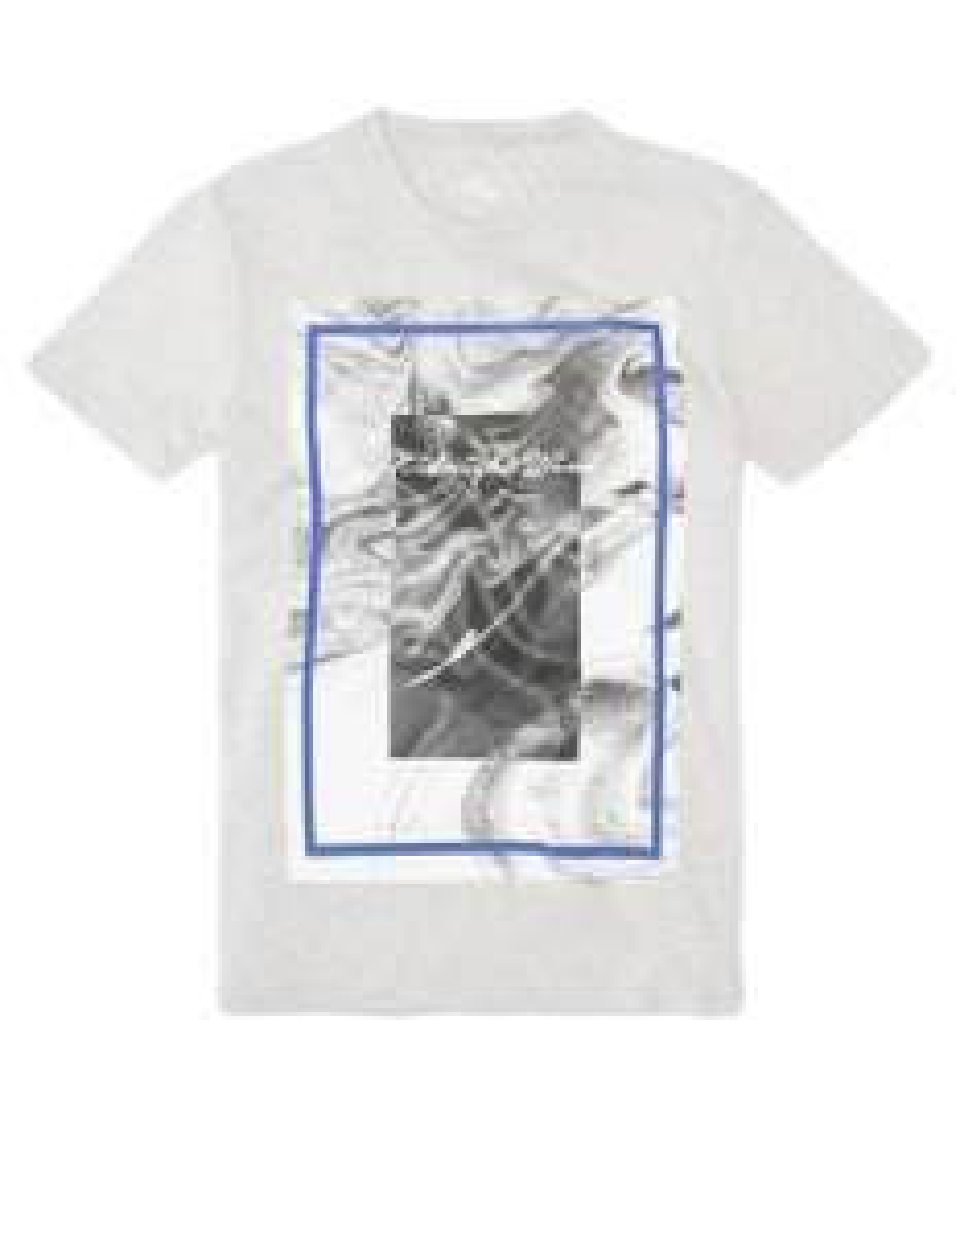 Jusqu'à -50% sur une sélection de vêtements + 20% sur l'article le plus cher de votre panier - Ex : T-shirts